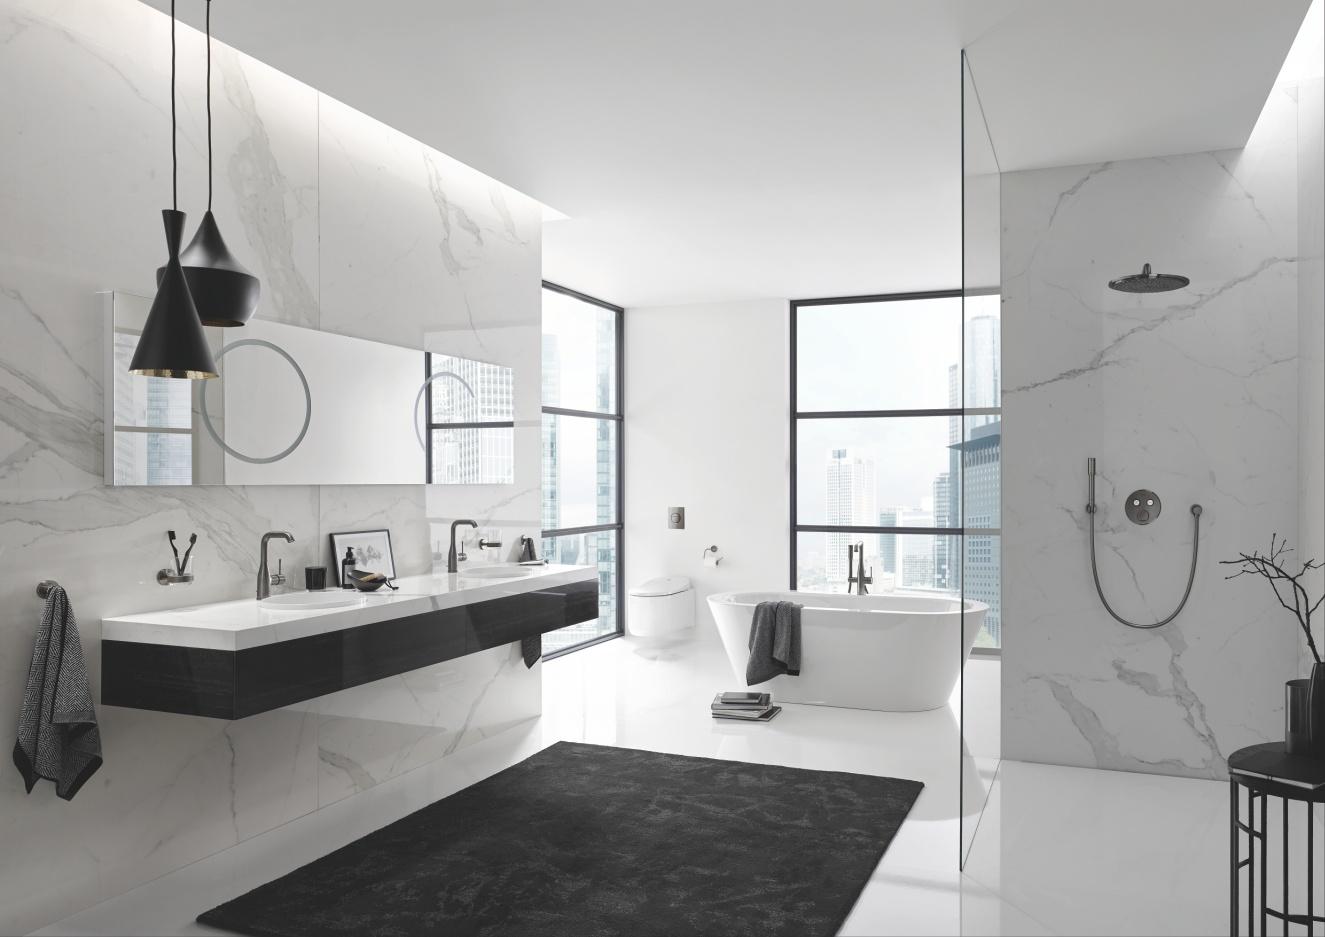 Biała łazienka z 2 umywalkami po lewej i prysznicem z deszczownicą po prawej; z tyłu stoi wanna i duże okno.